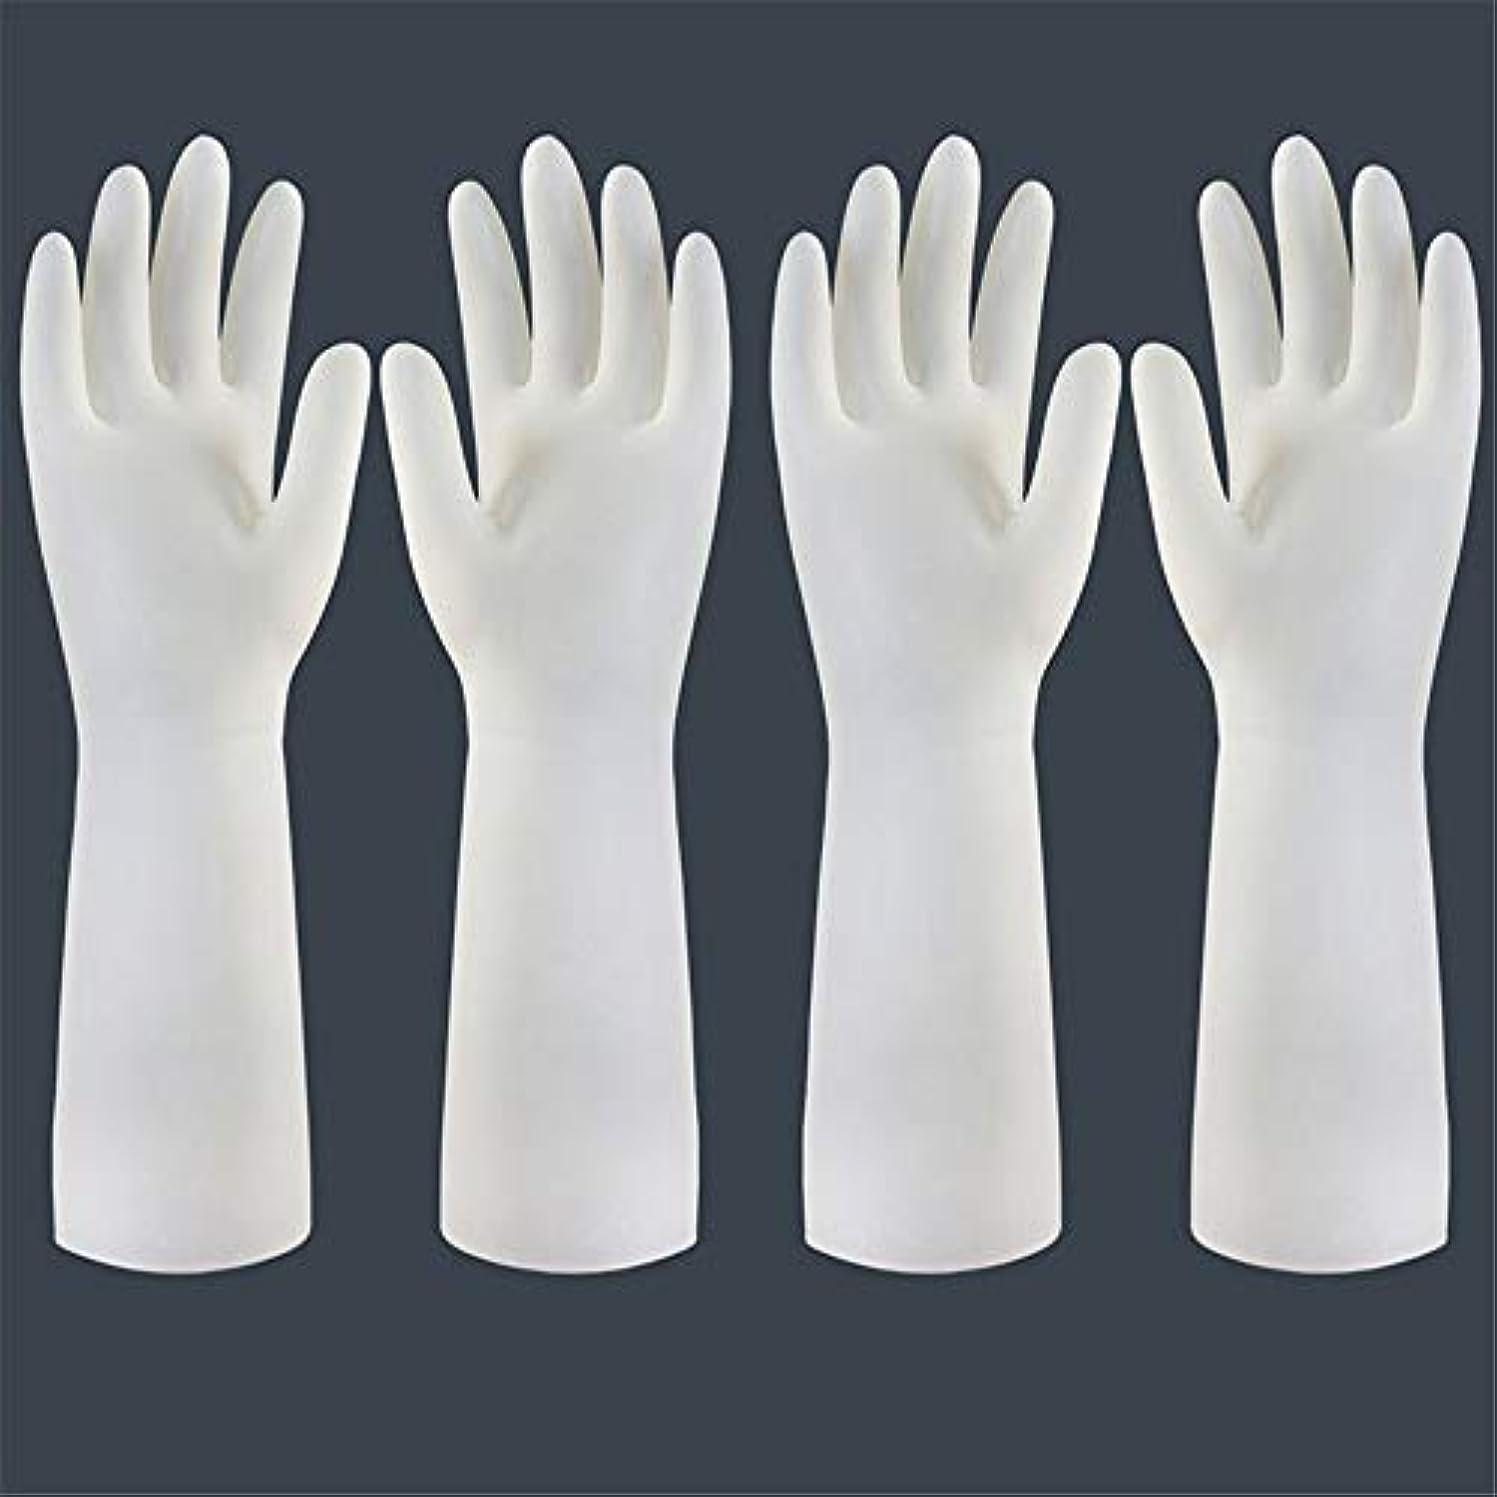 ダメージ放棄するまさに使い捨て手袋 使い捨て手袋の防水および耐久のゴム製台所手袋、小/中/大 ニトリルゴム手袋 (Color : Long-2 pair, Size : S)